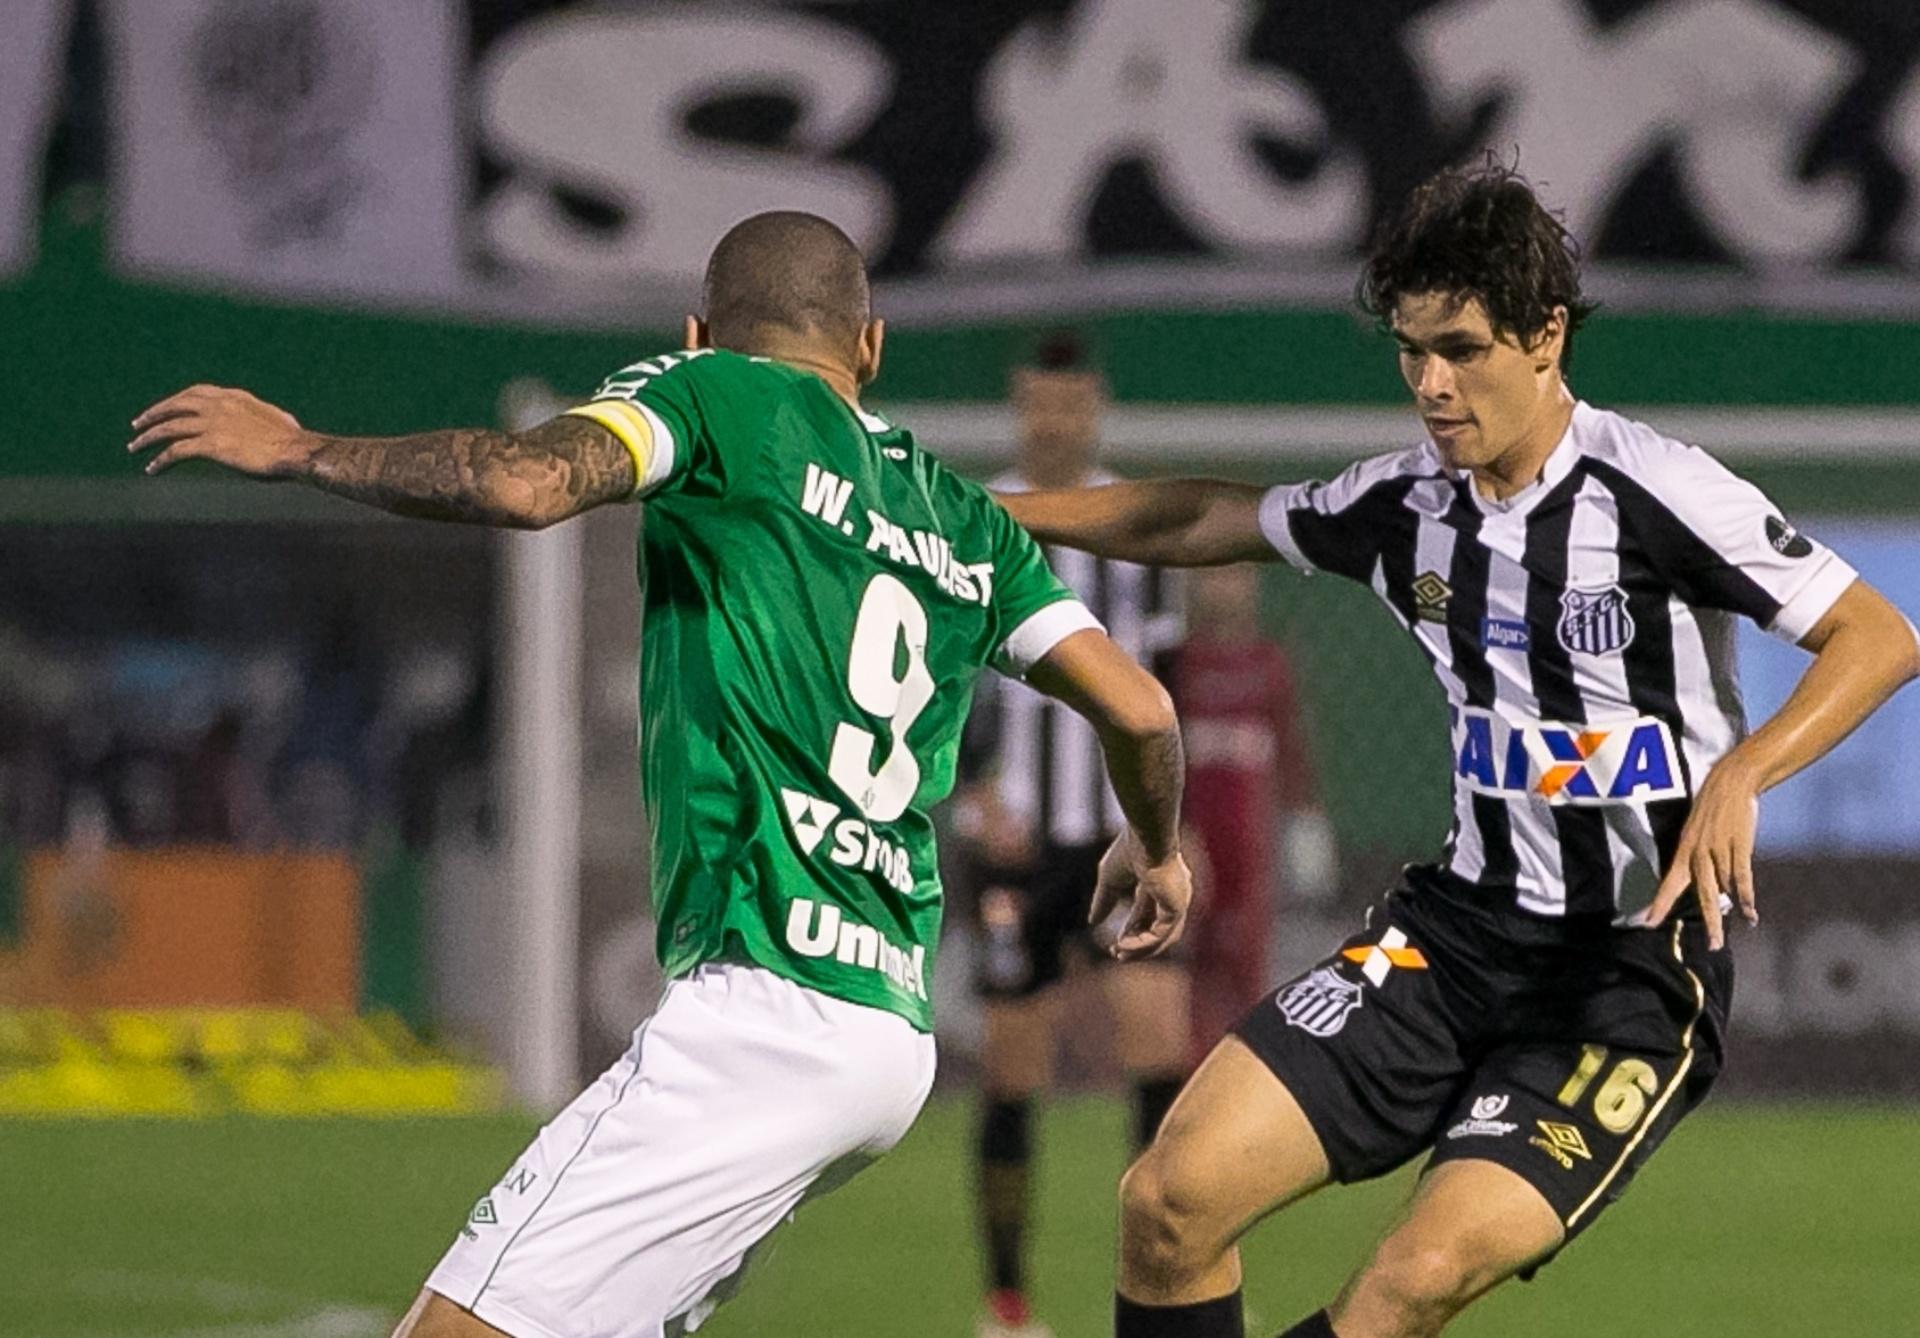 Dodô só quer falar de renovação com o Santos após término do Brasileirão -  04 09 2018 - UOL Esporte 76b82393d08be